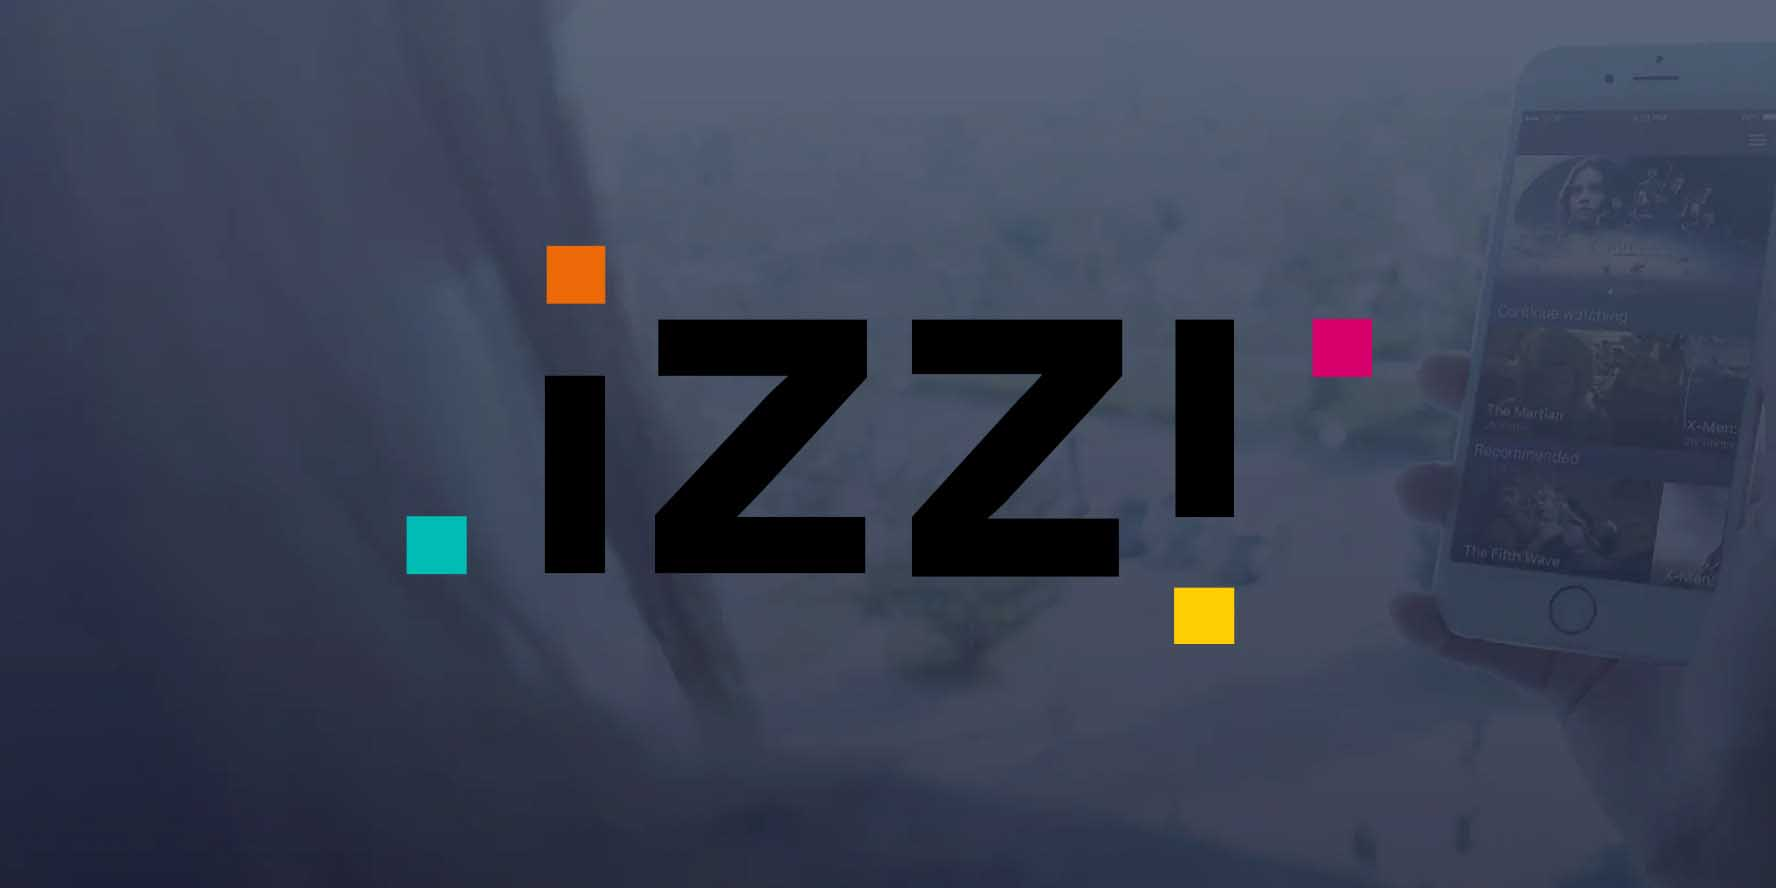 IZZI aumentará el precio de sus servicios; su segundo aumento del año   El Imparcial de Oaxaca